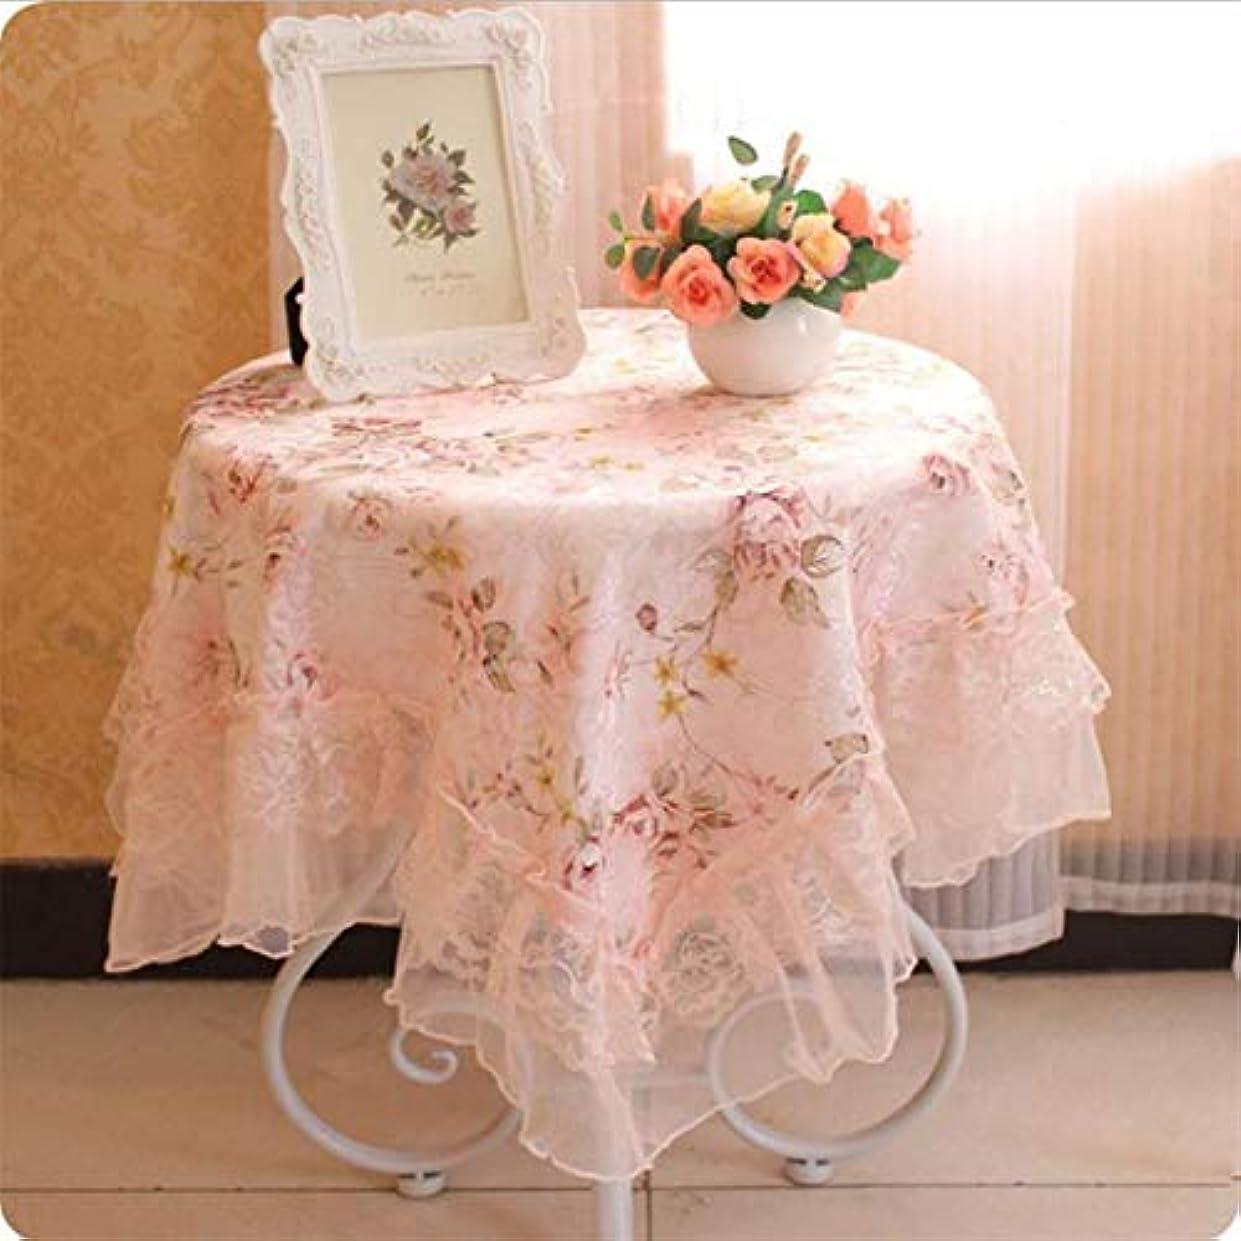 コンパイル名誉無法者JIOLK テーブルクロス 食卓カバー 田園風 オフホワイト 花 柄 模様 拭きやすい 飾り布 ティーテーブル 台所 ダイニング インテリア キッチン用品